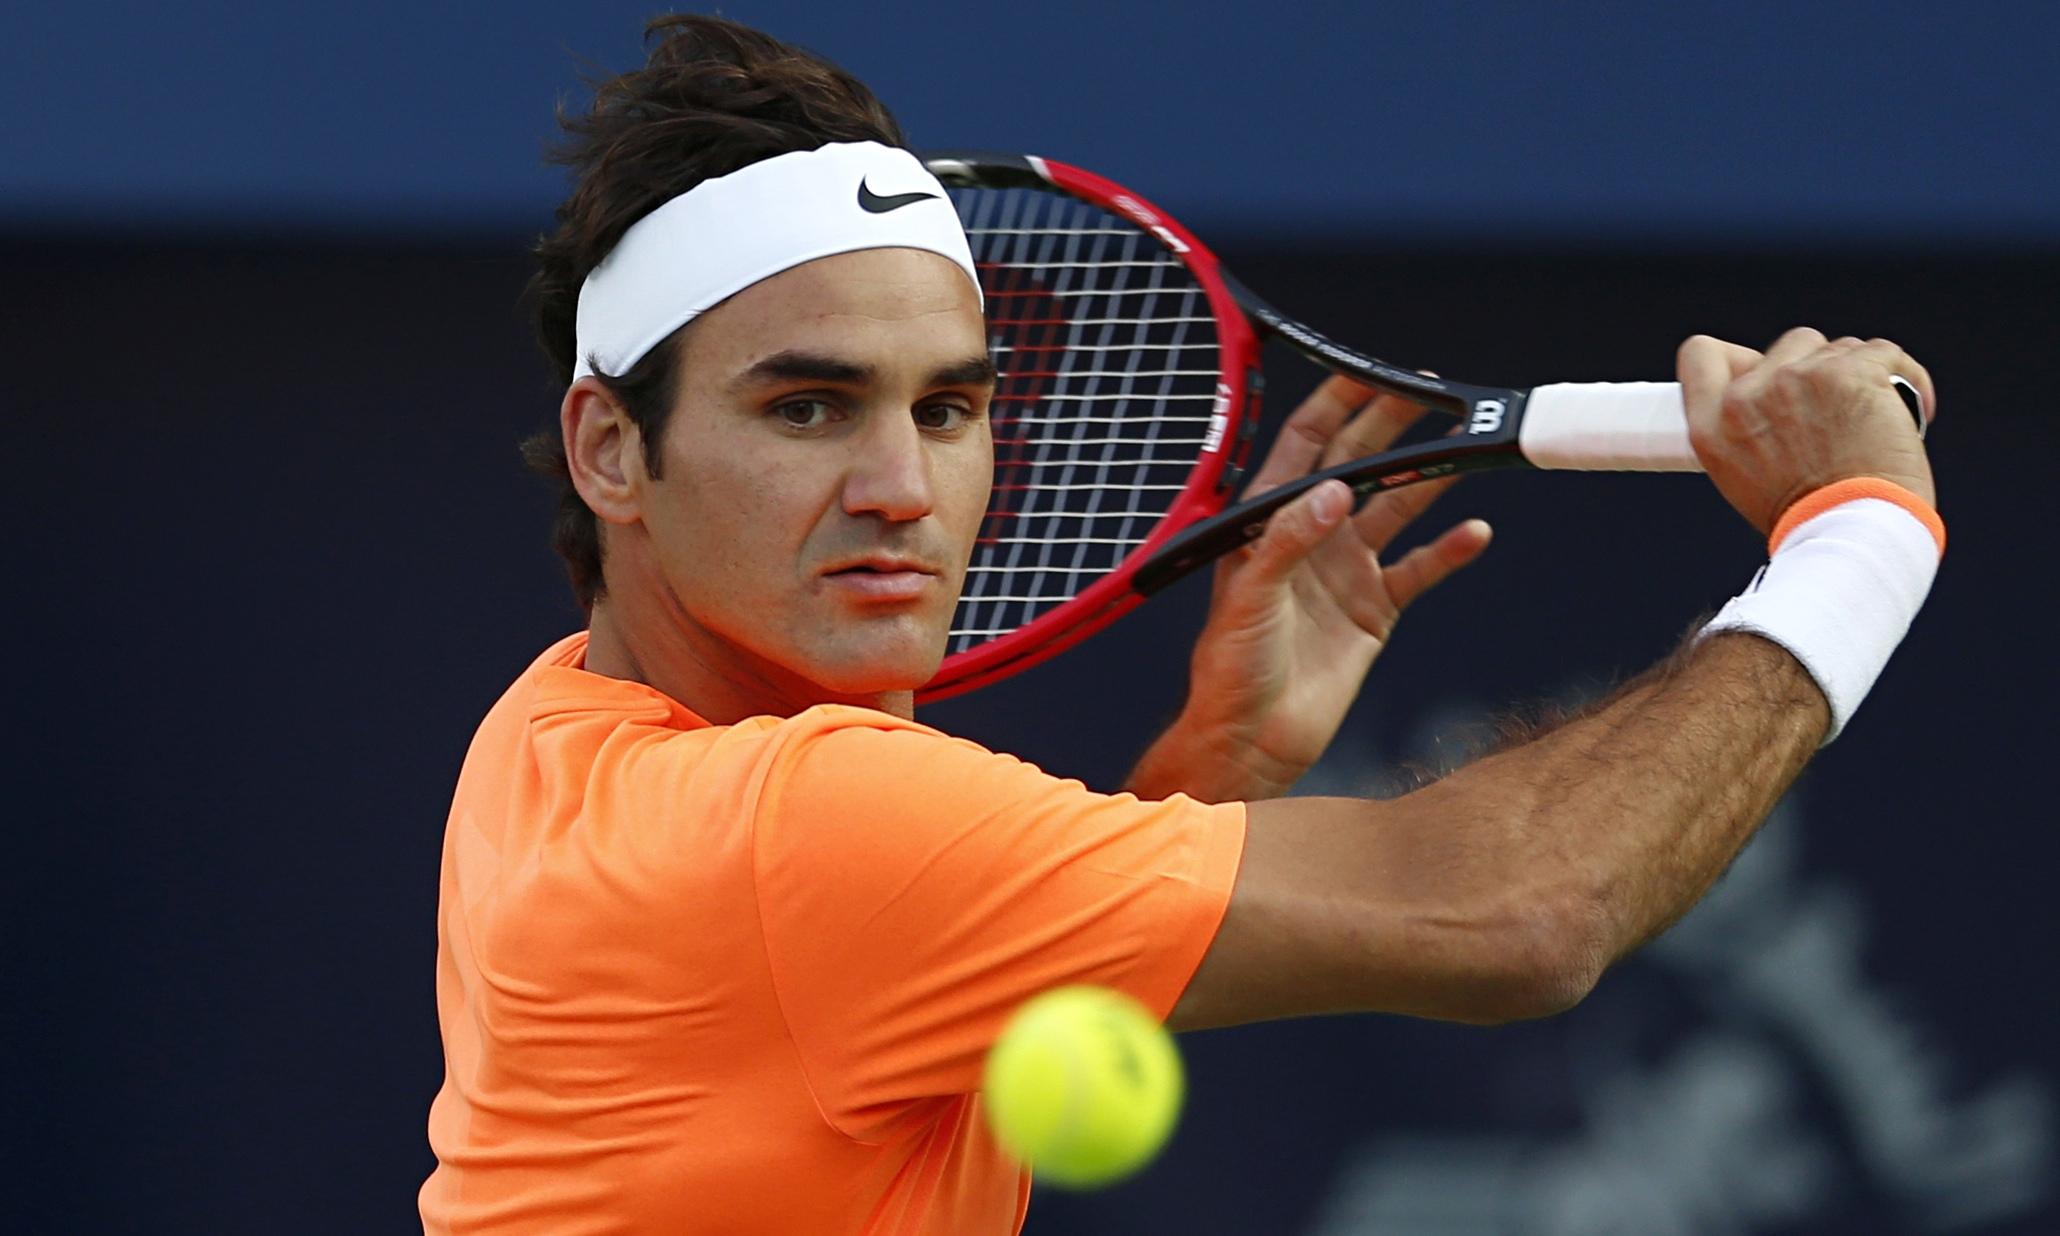 Roger-Federer-in-action-a-009